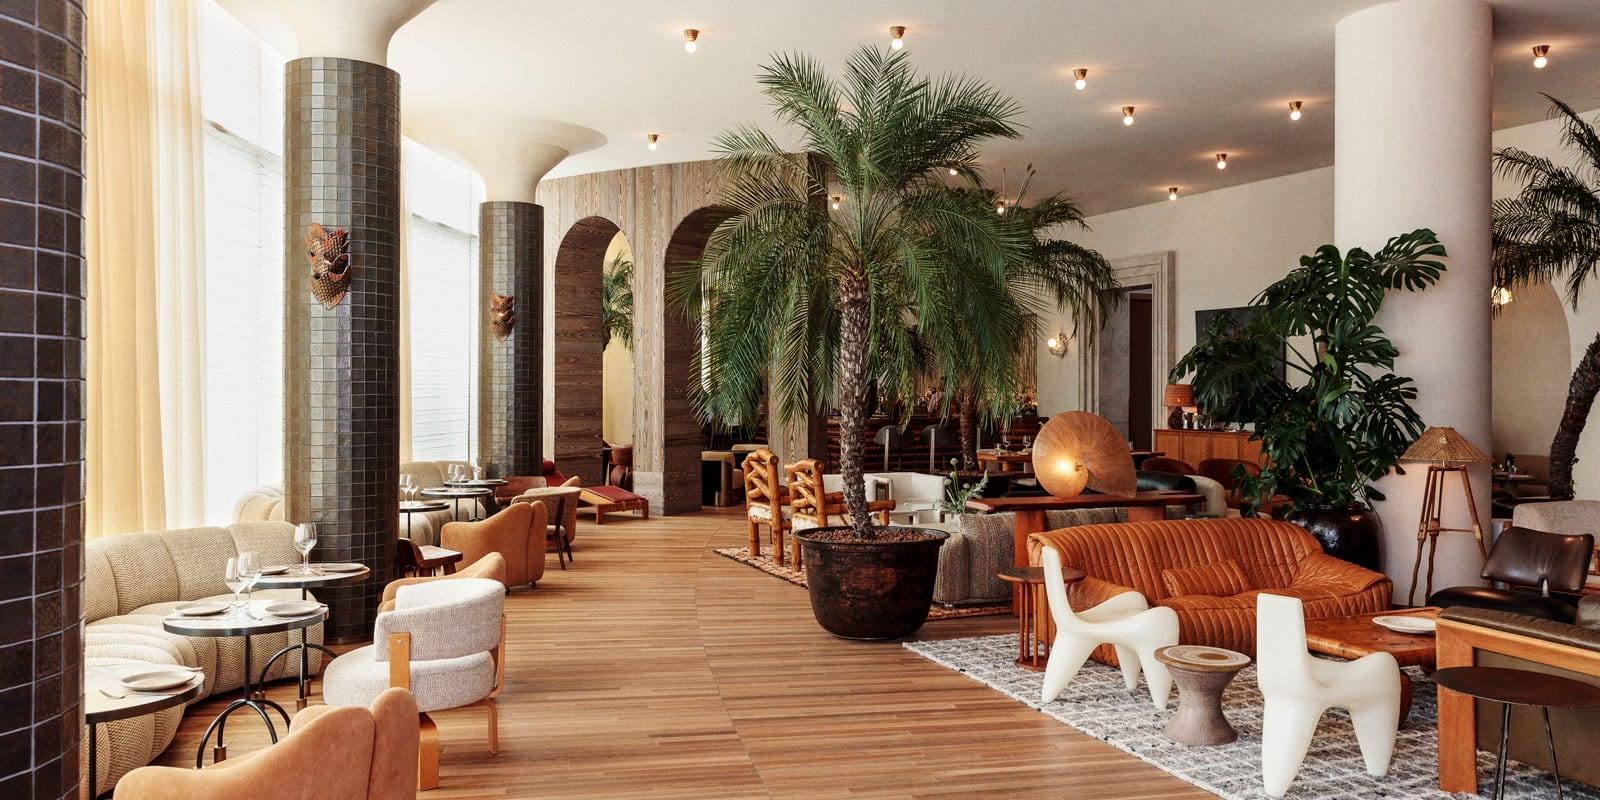 Palma at the Santa Monica Proper Hotel